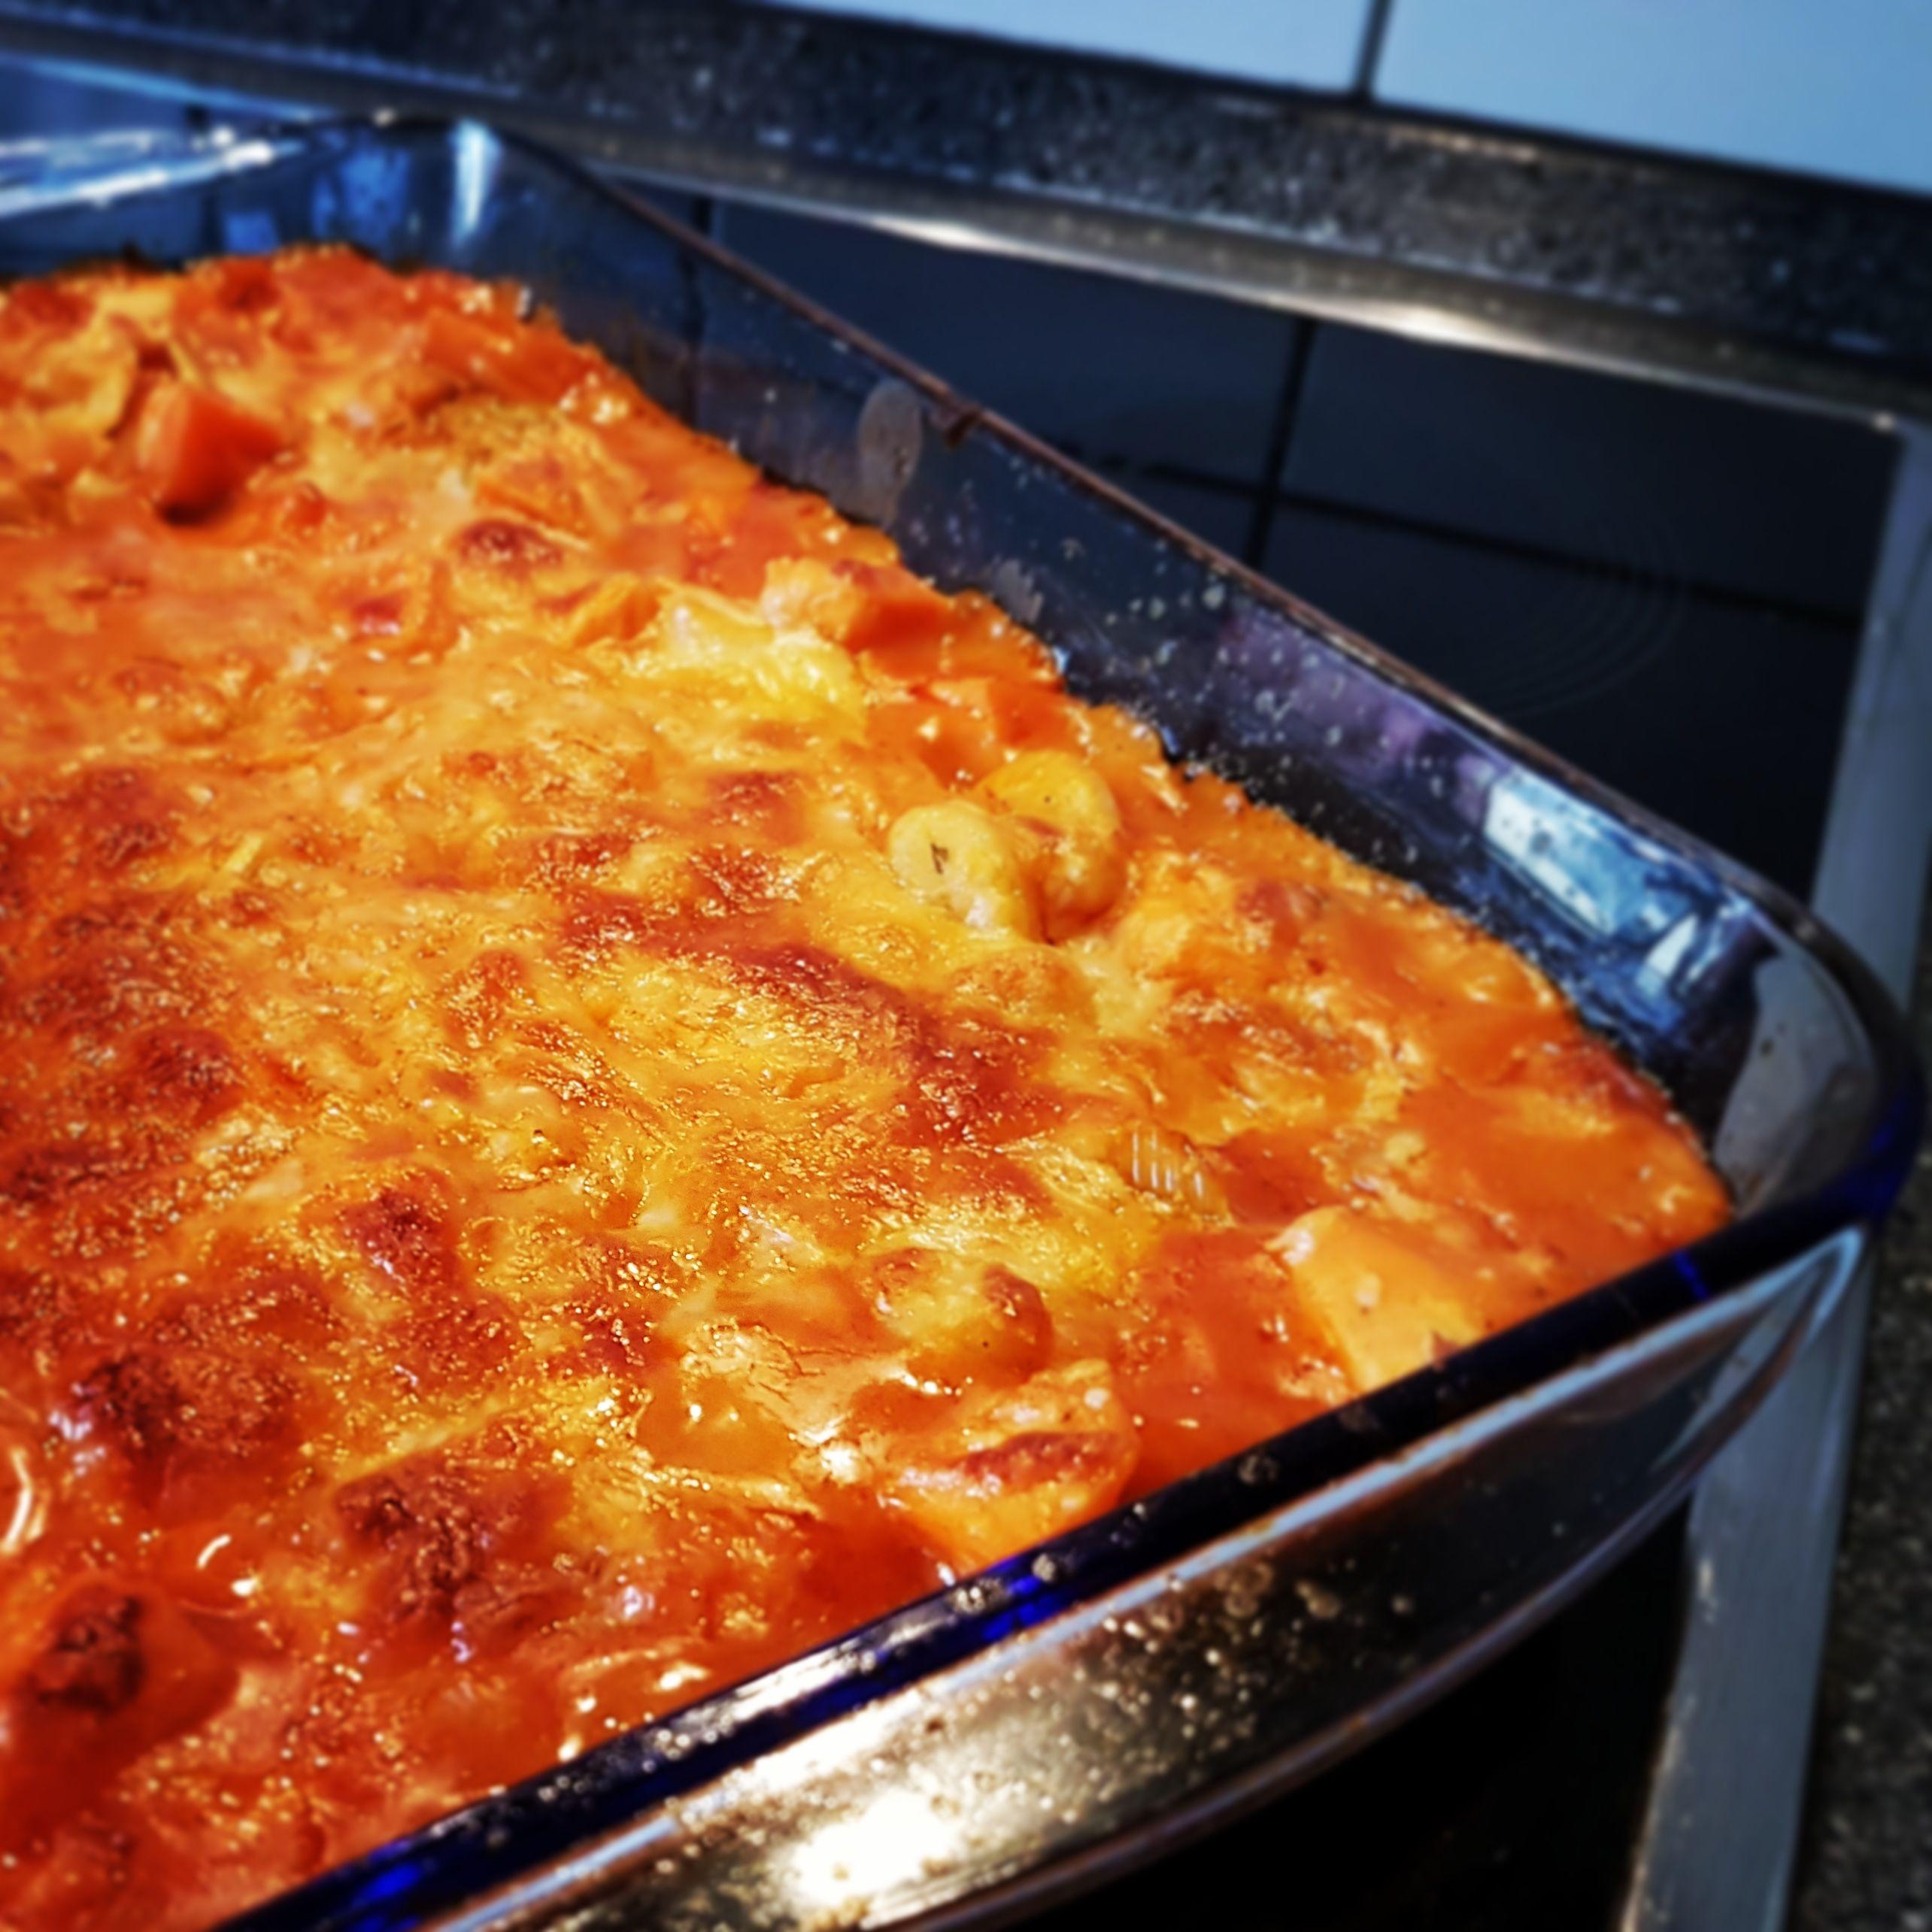 Bei Gnocchi Denken Viele Erstmal An Klassische Italienische Gerichte Ahnlich Der Pasta Dass Man Gnocchi Aber Auch Sehr Gut Fur Salate Und Aufl Mit Bildern Einfache Gerichte